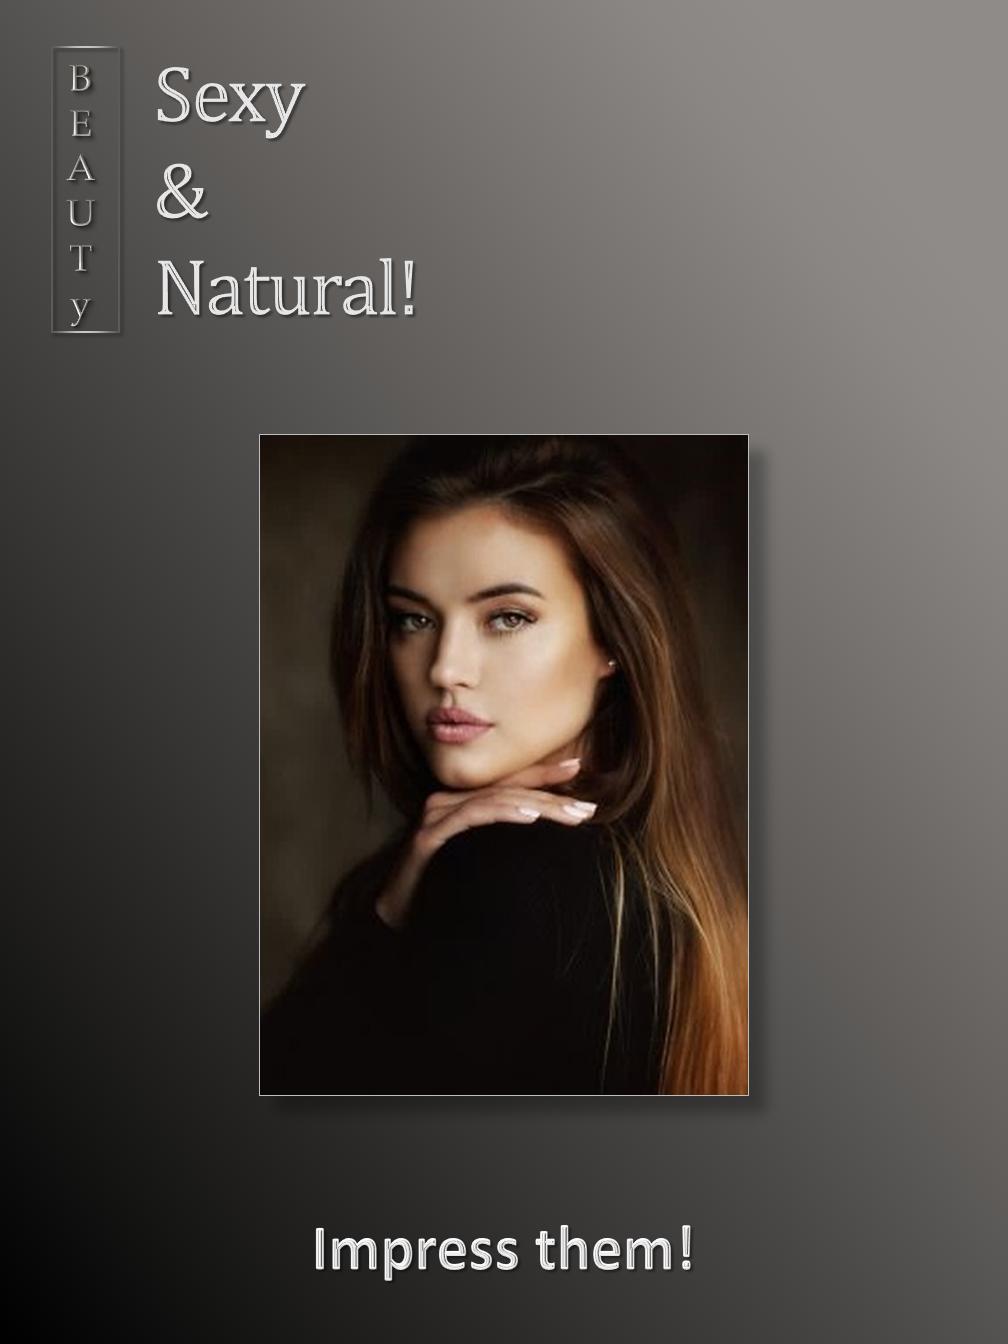 Sexy & Natural